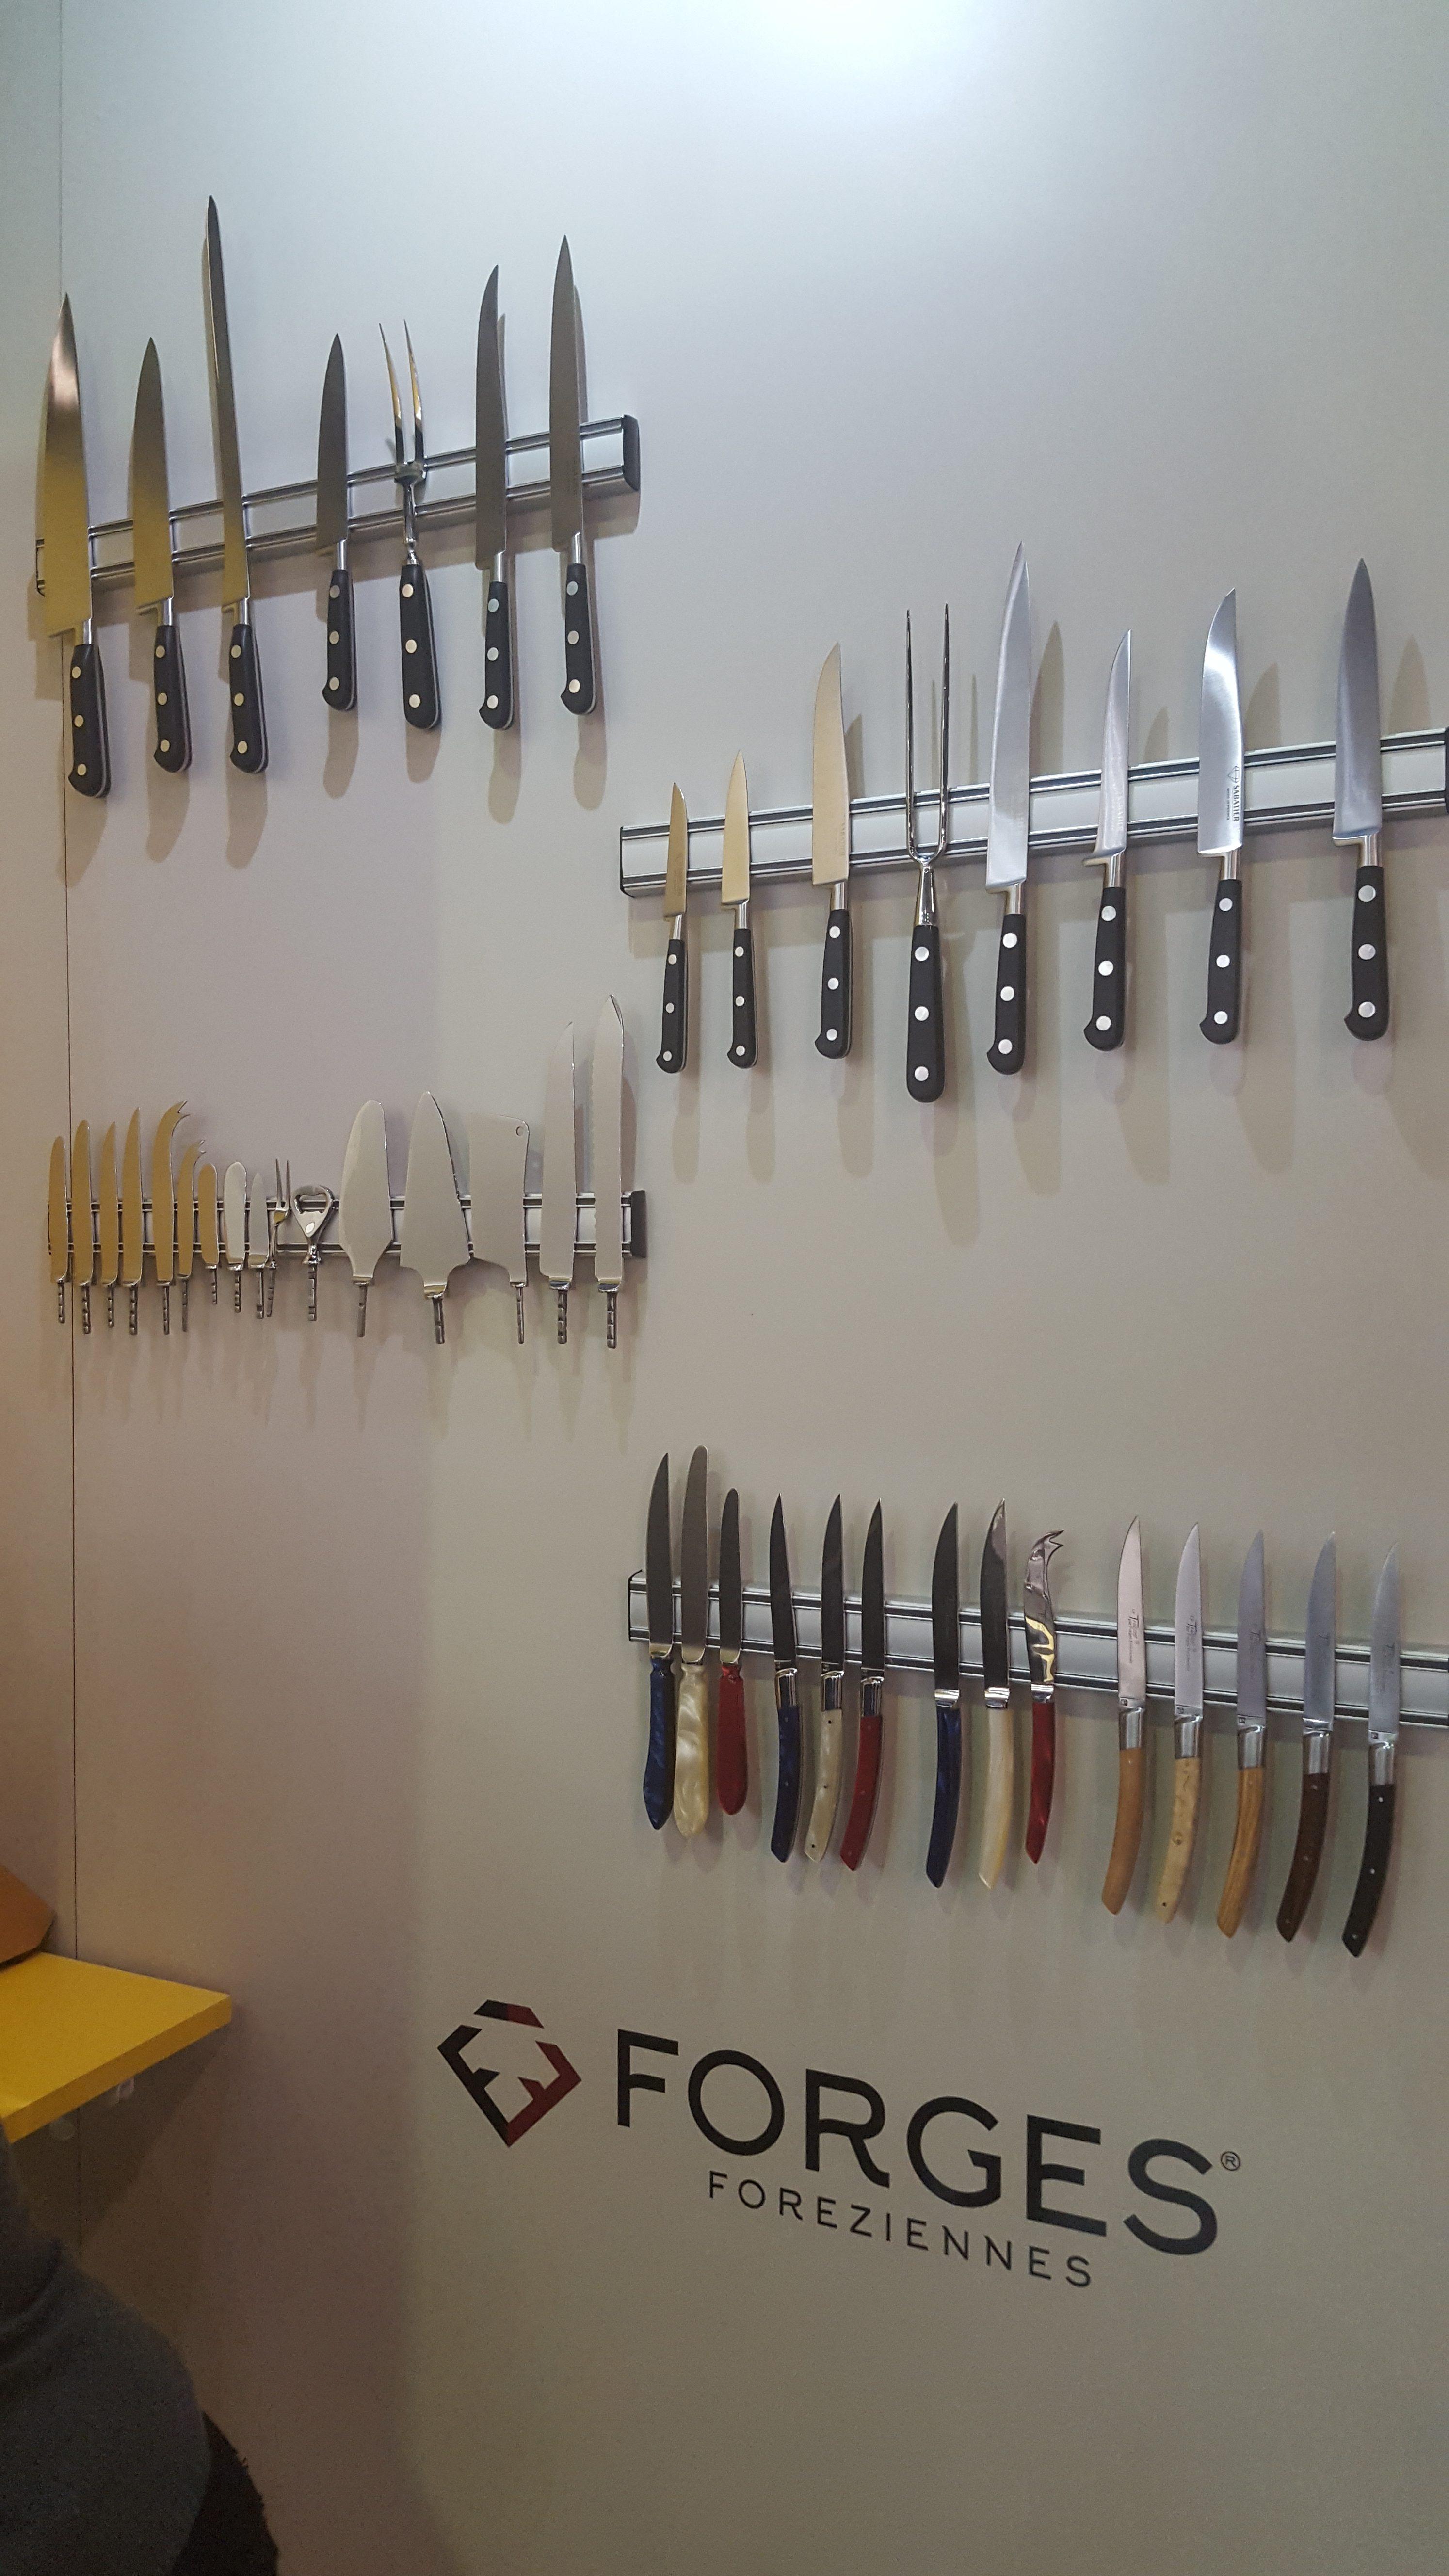 Couteaux de table et lames orfèvres FORGES FOREZIENNES - Ambiente 2019